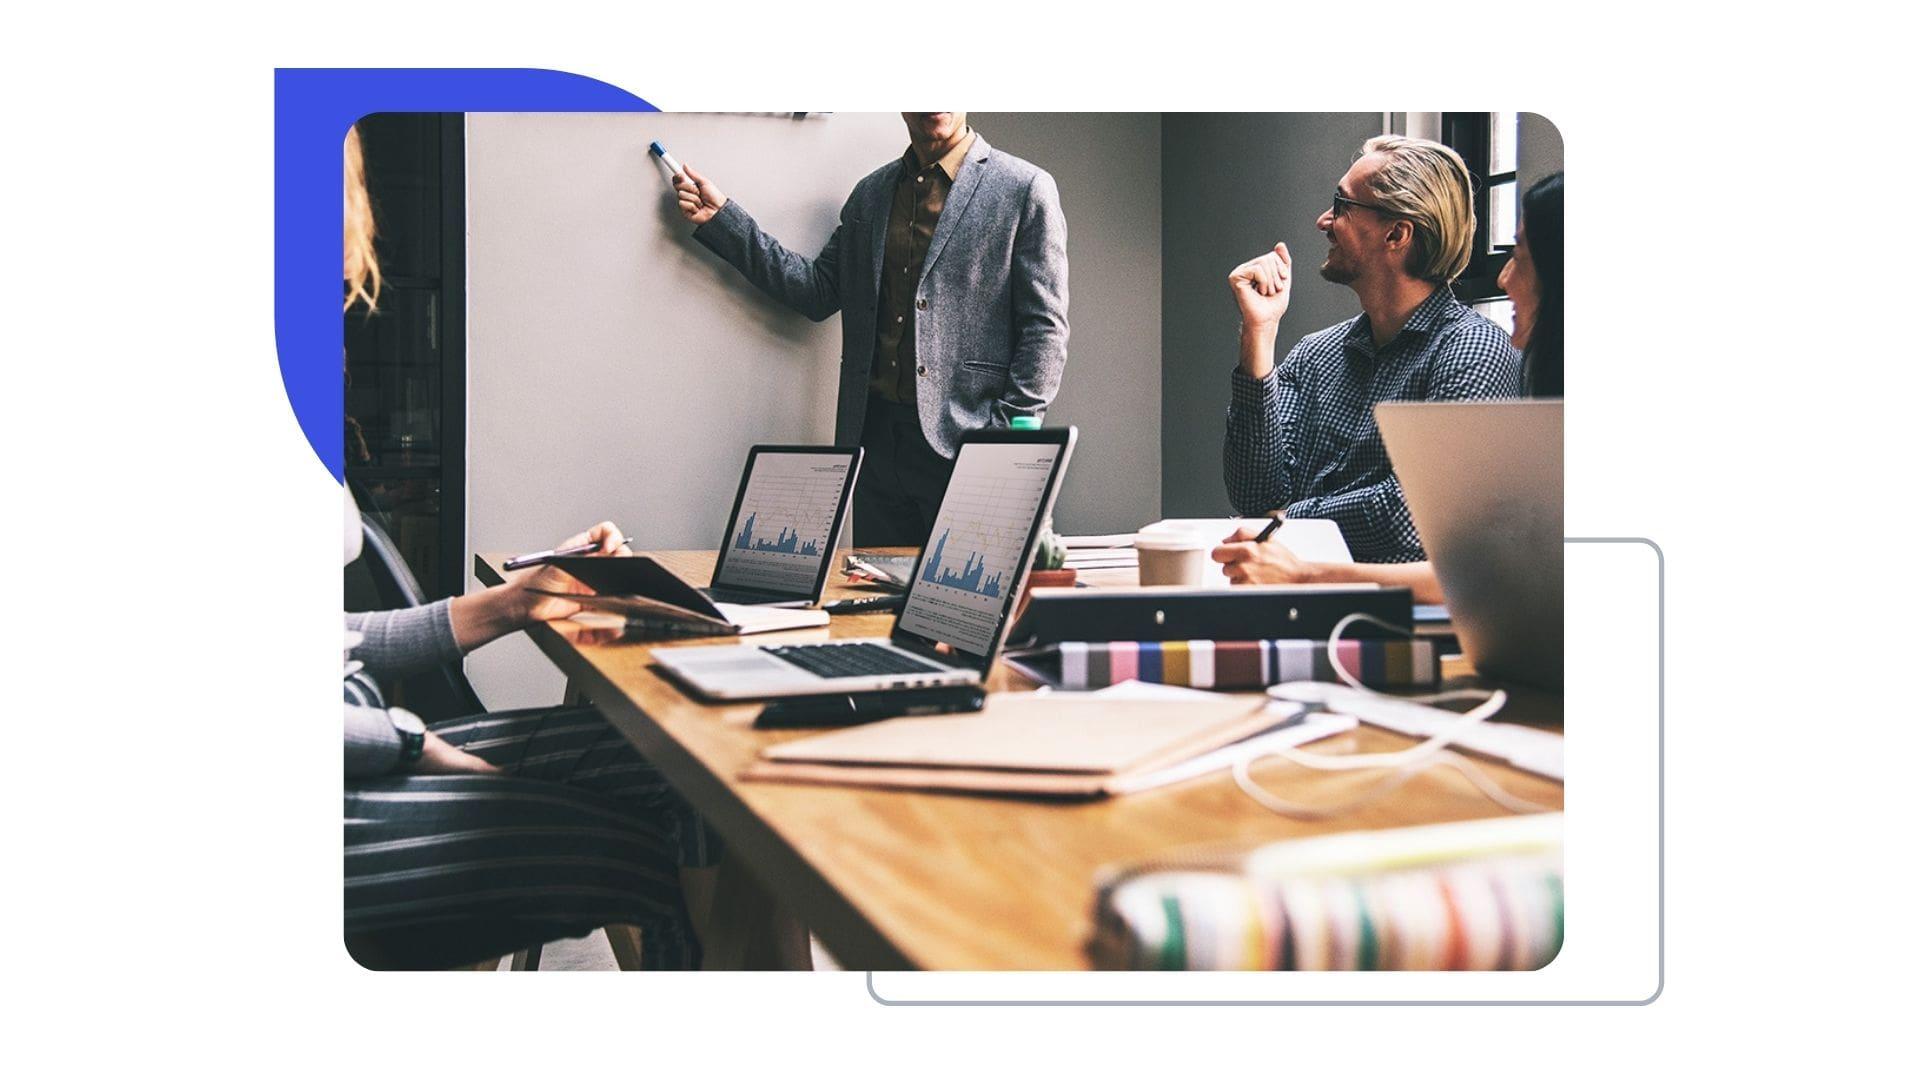 Adaptez votre niveau de communication en fonction des acteurs présents à la réunion